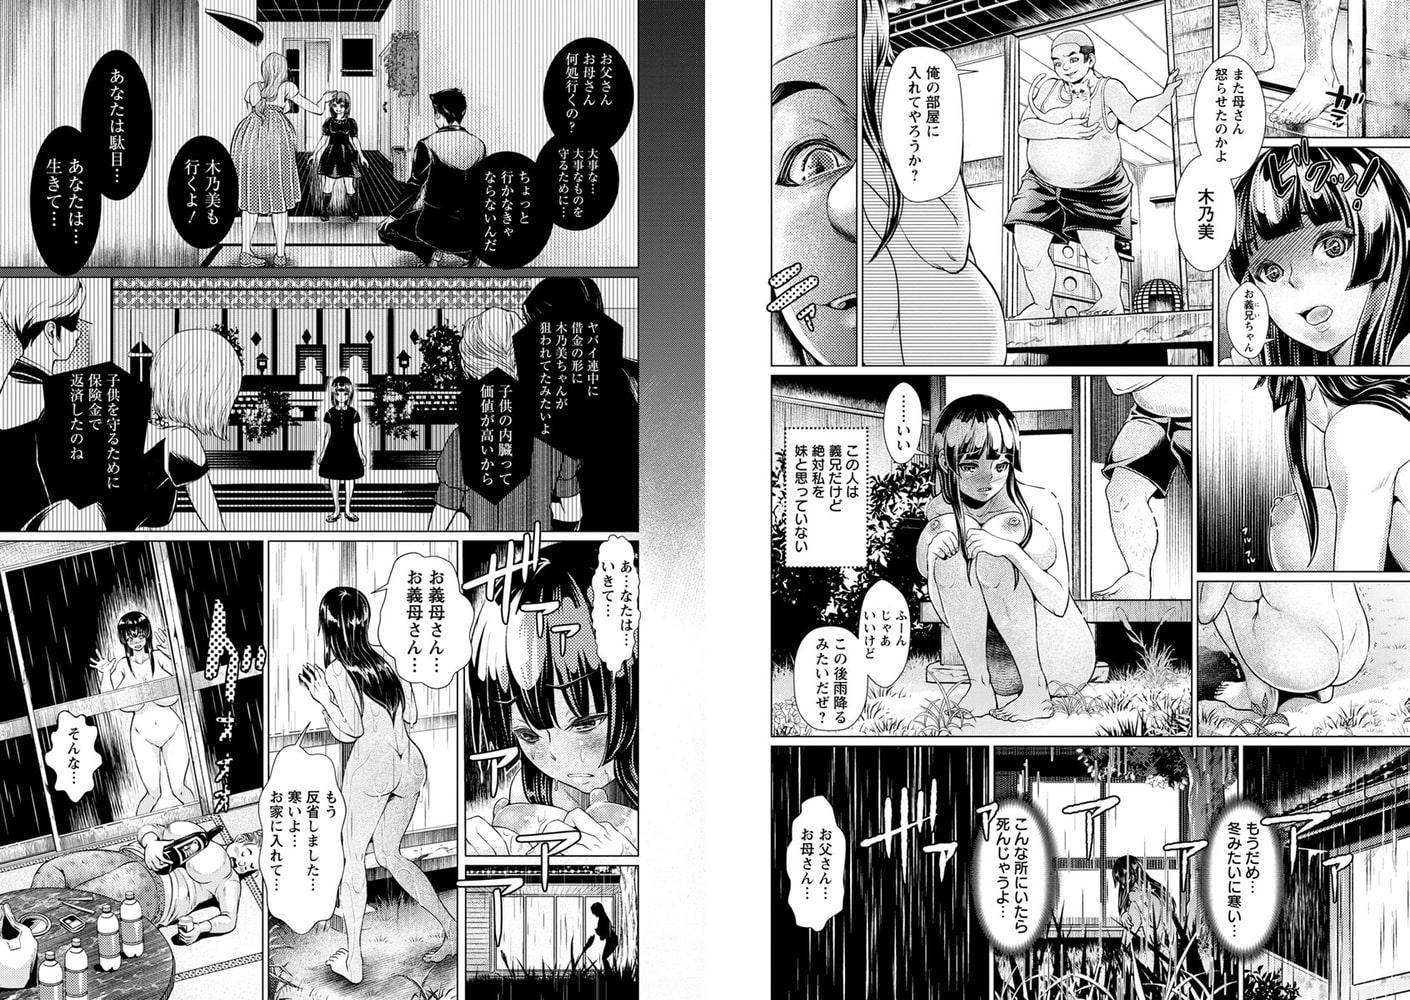 マゾ穴折檻 躾けられた女たちのサンプル画像4